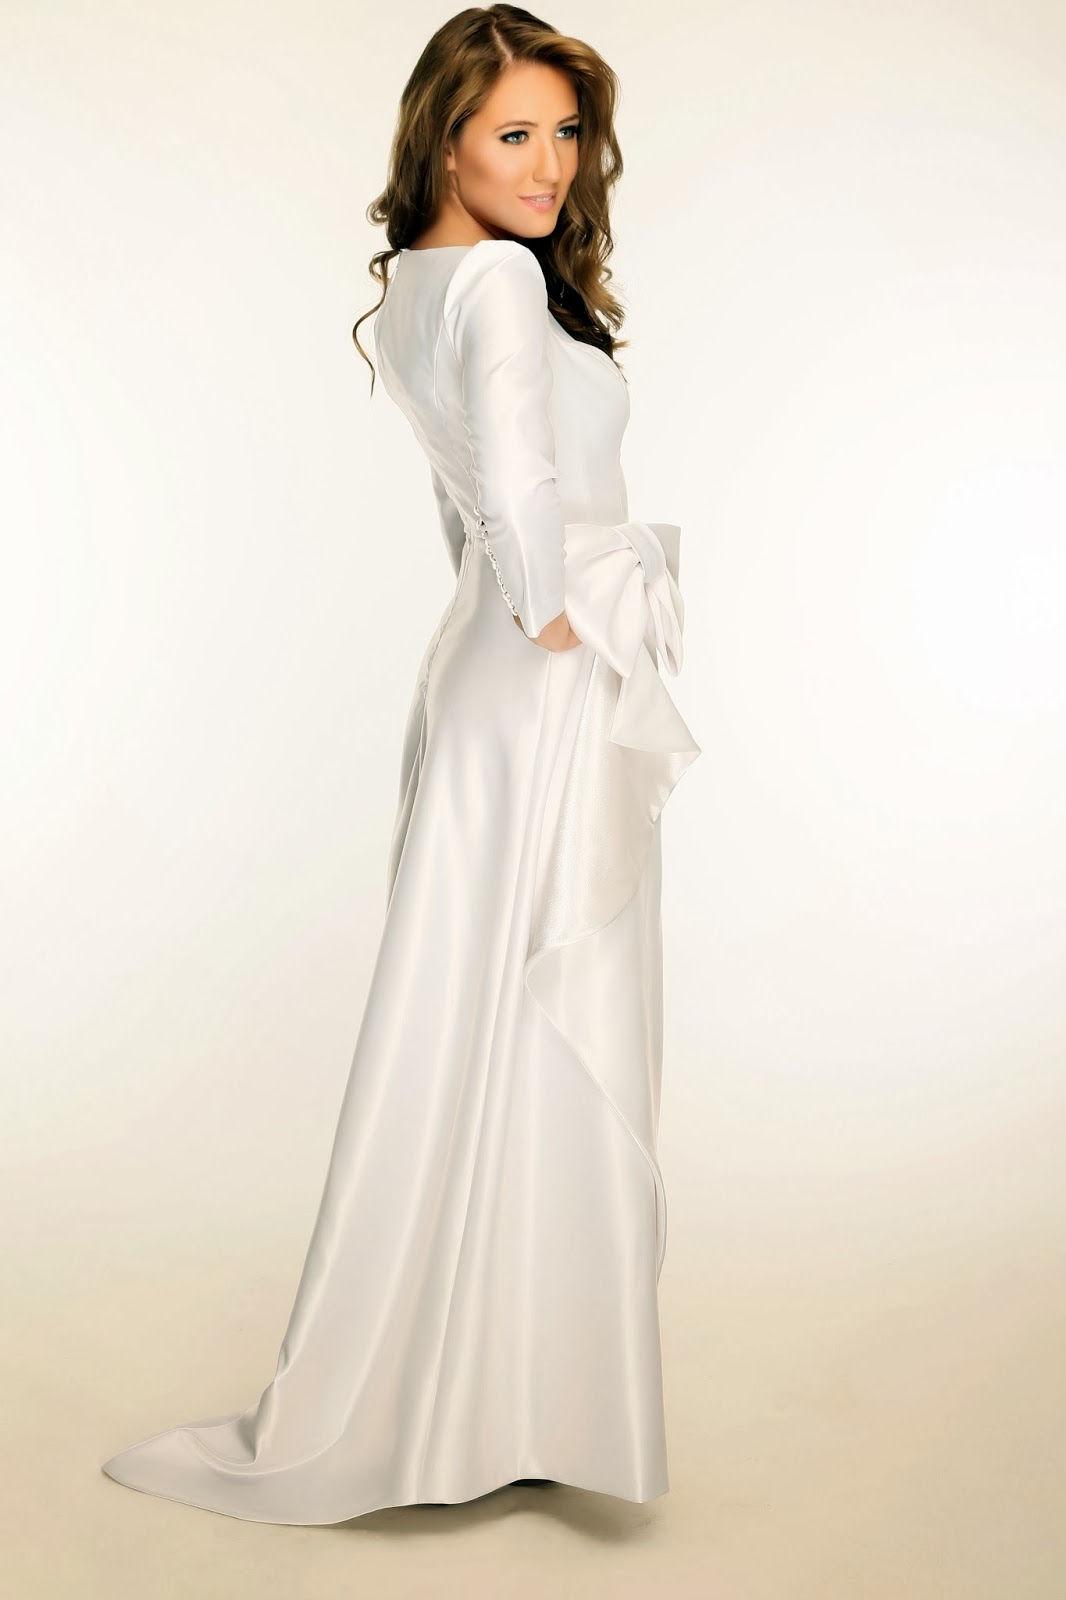 Wedding Dresses For Older Brides.Pictures Of Wedding Dresses For Older Brides Wedding